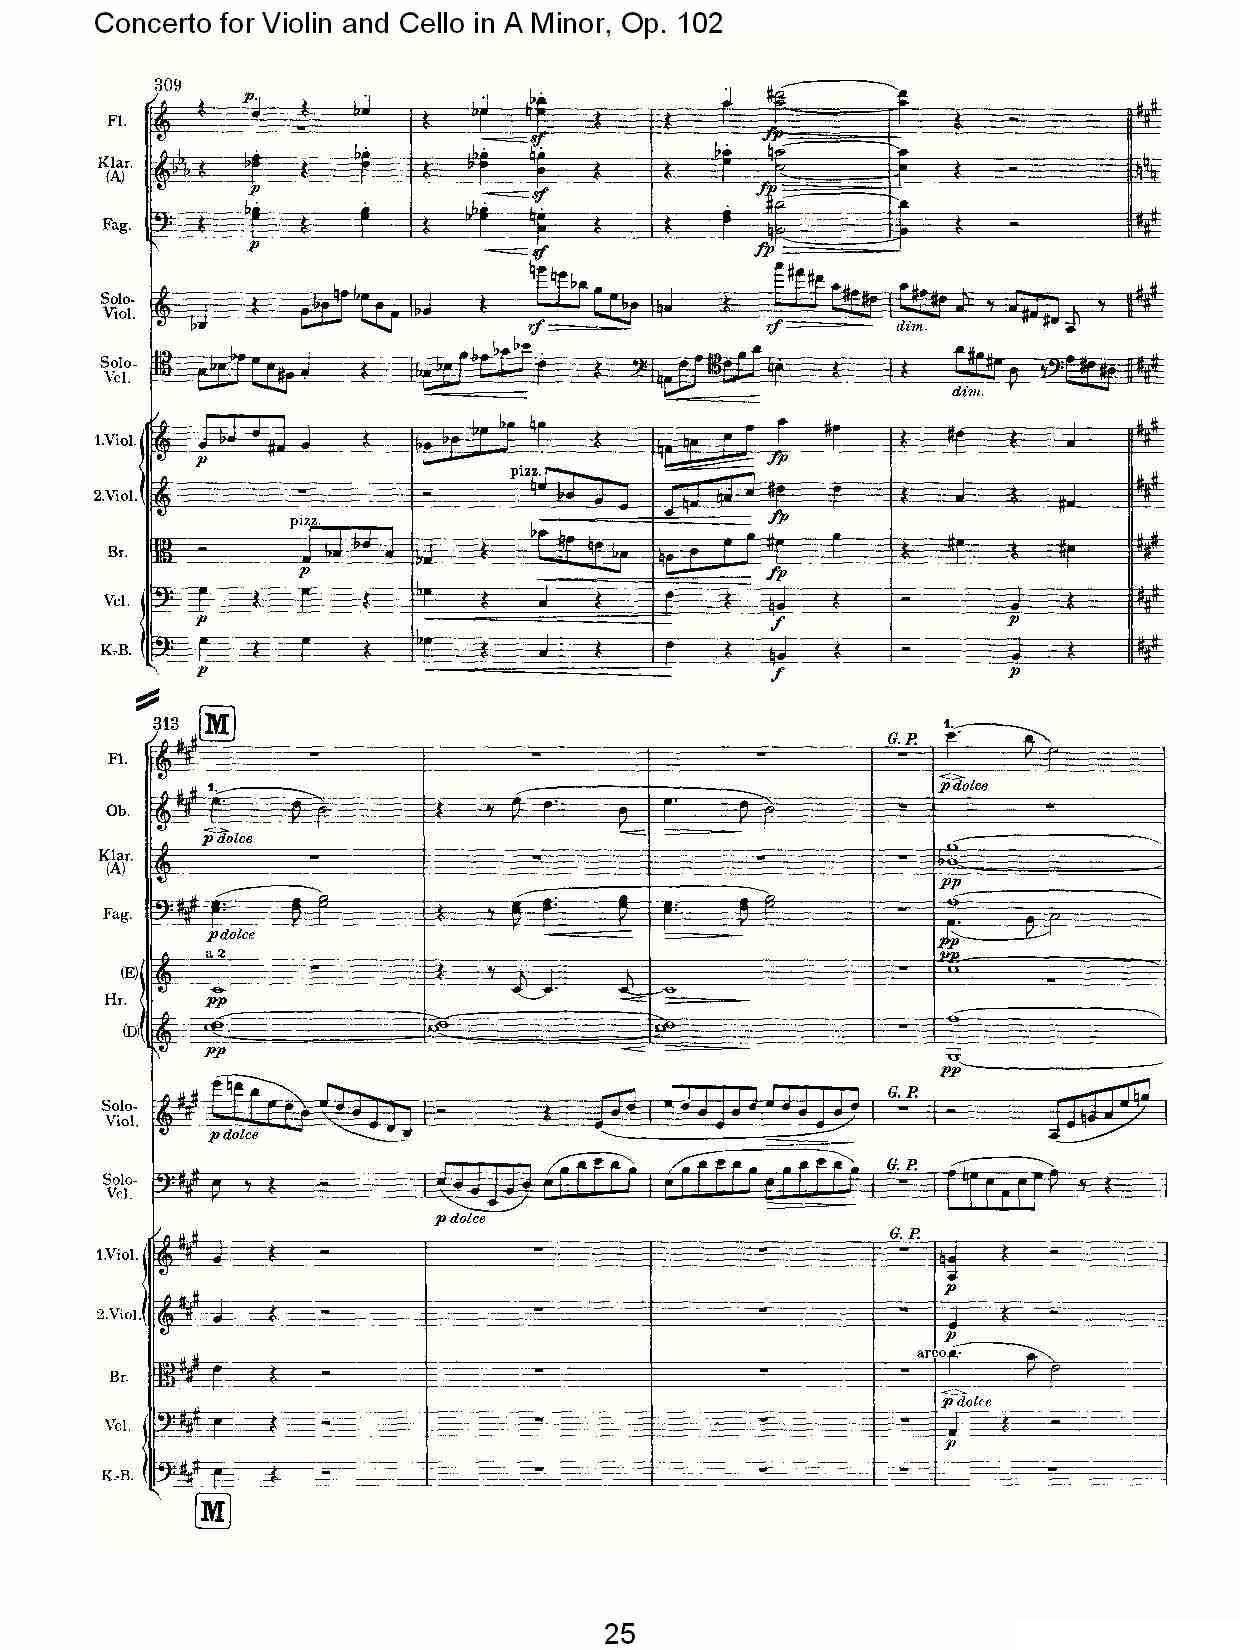 A小调小提琴与大提琴协奏曲, Op.102第一乐章